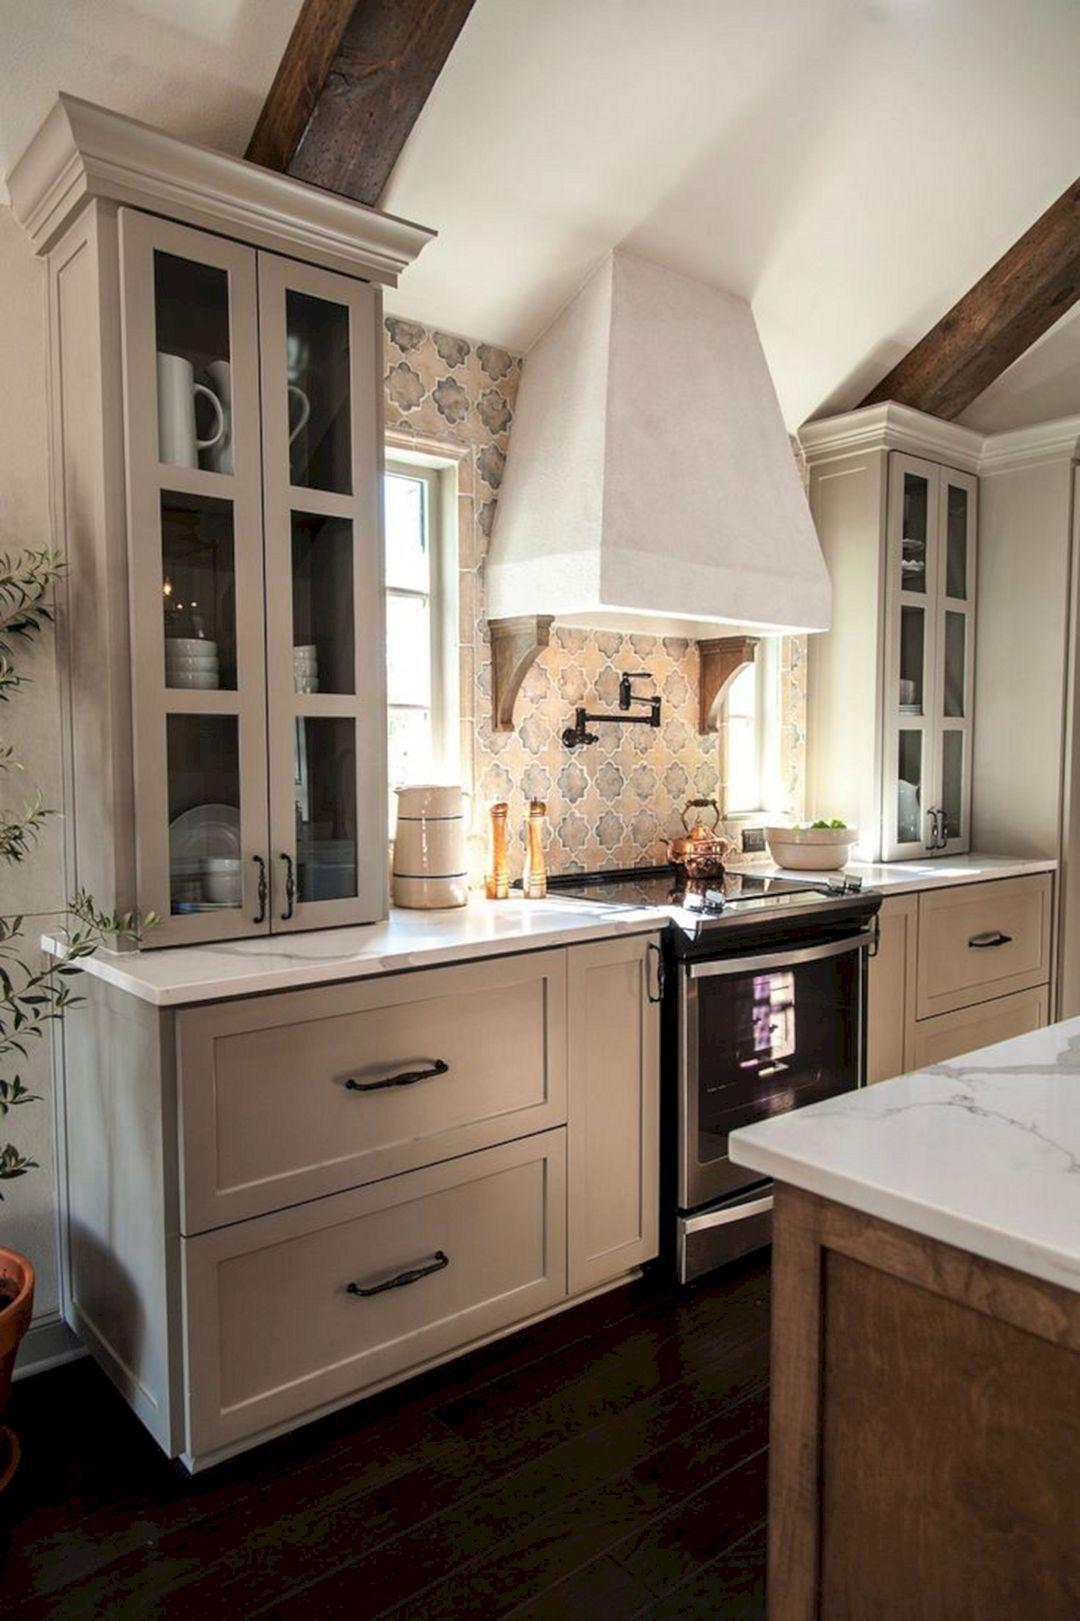 best Ideas of Amazing Decorating Rustic Italian